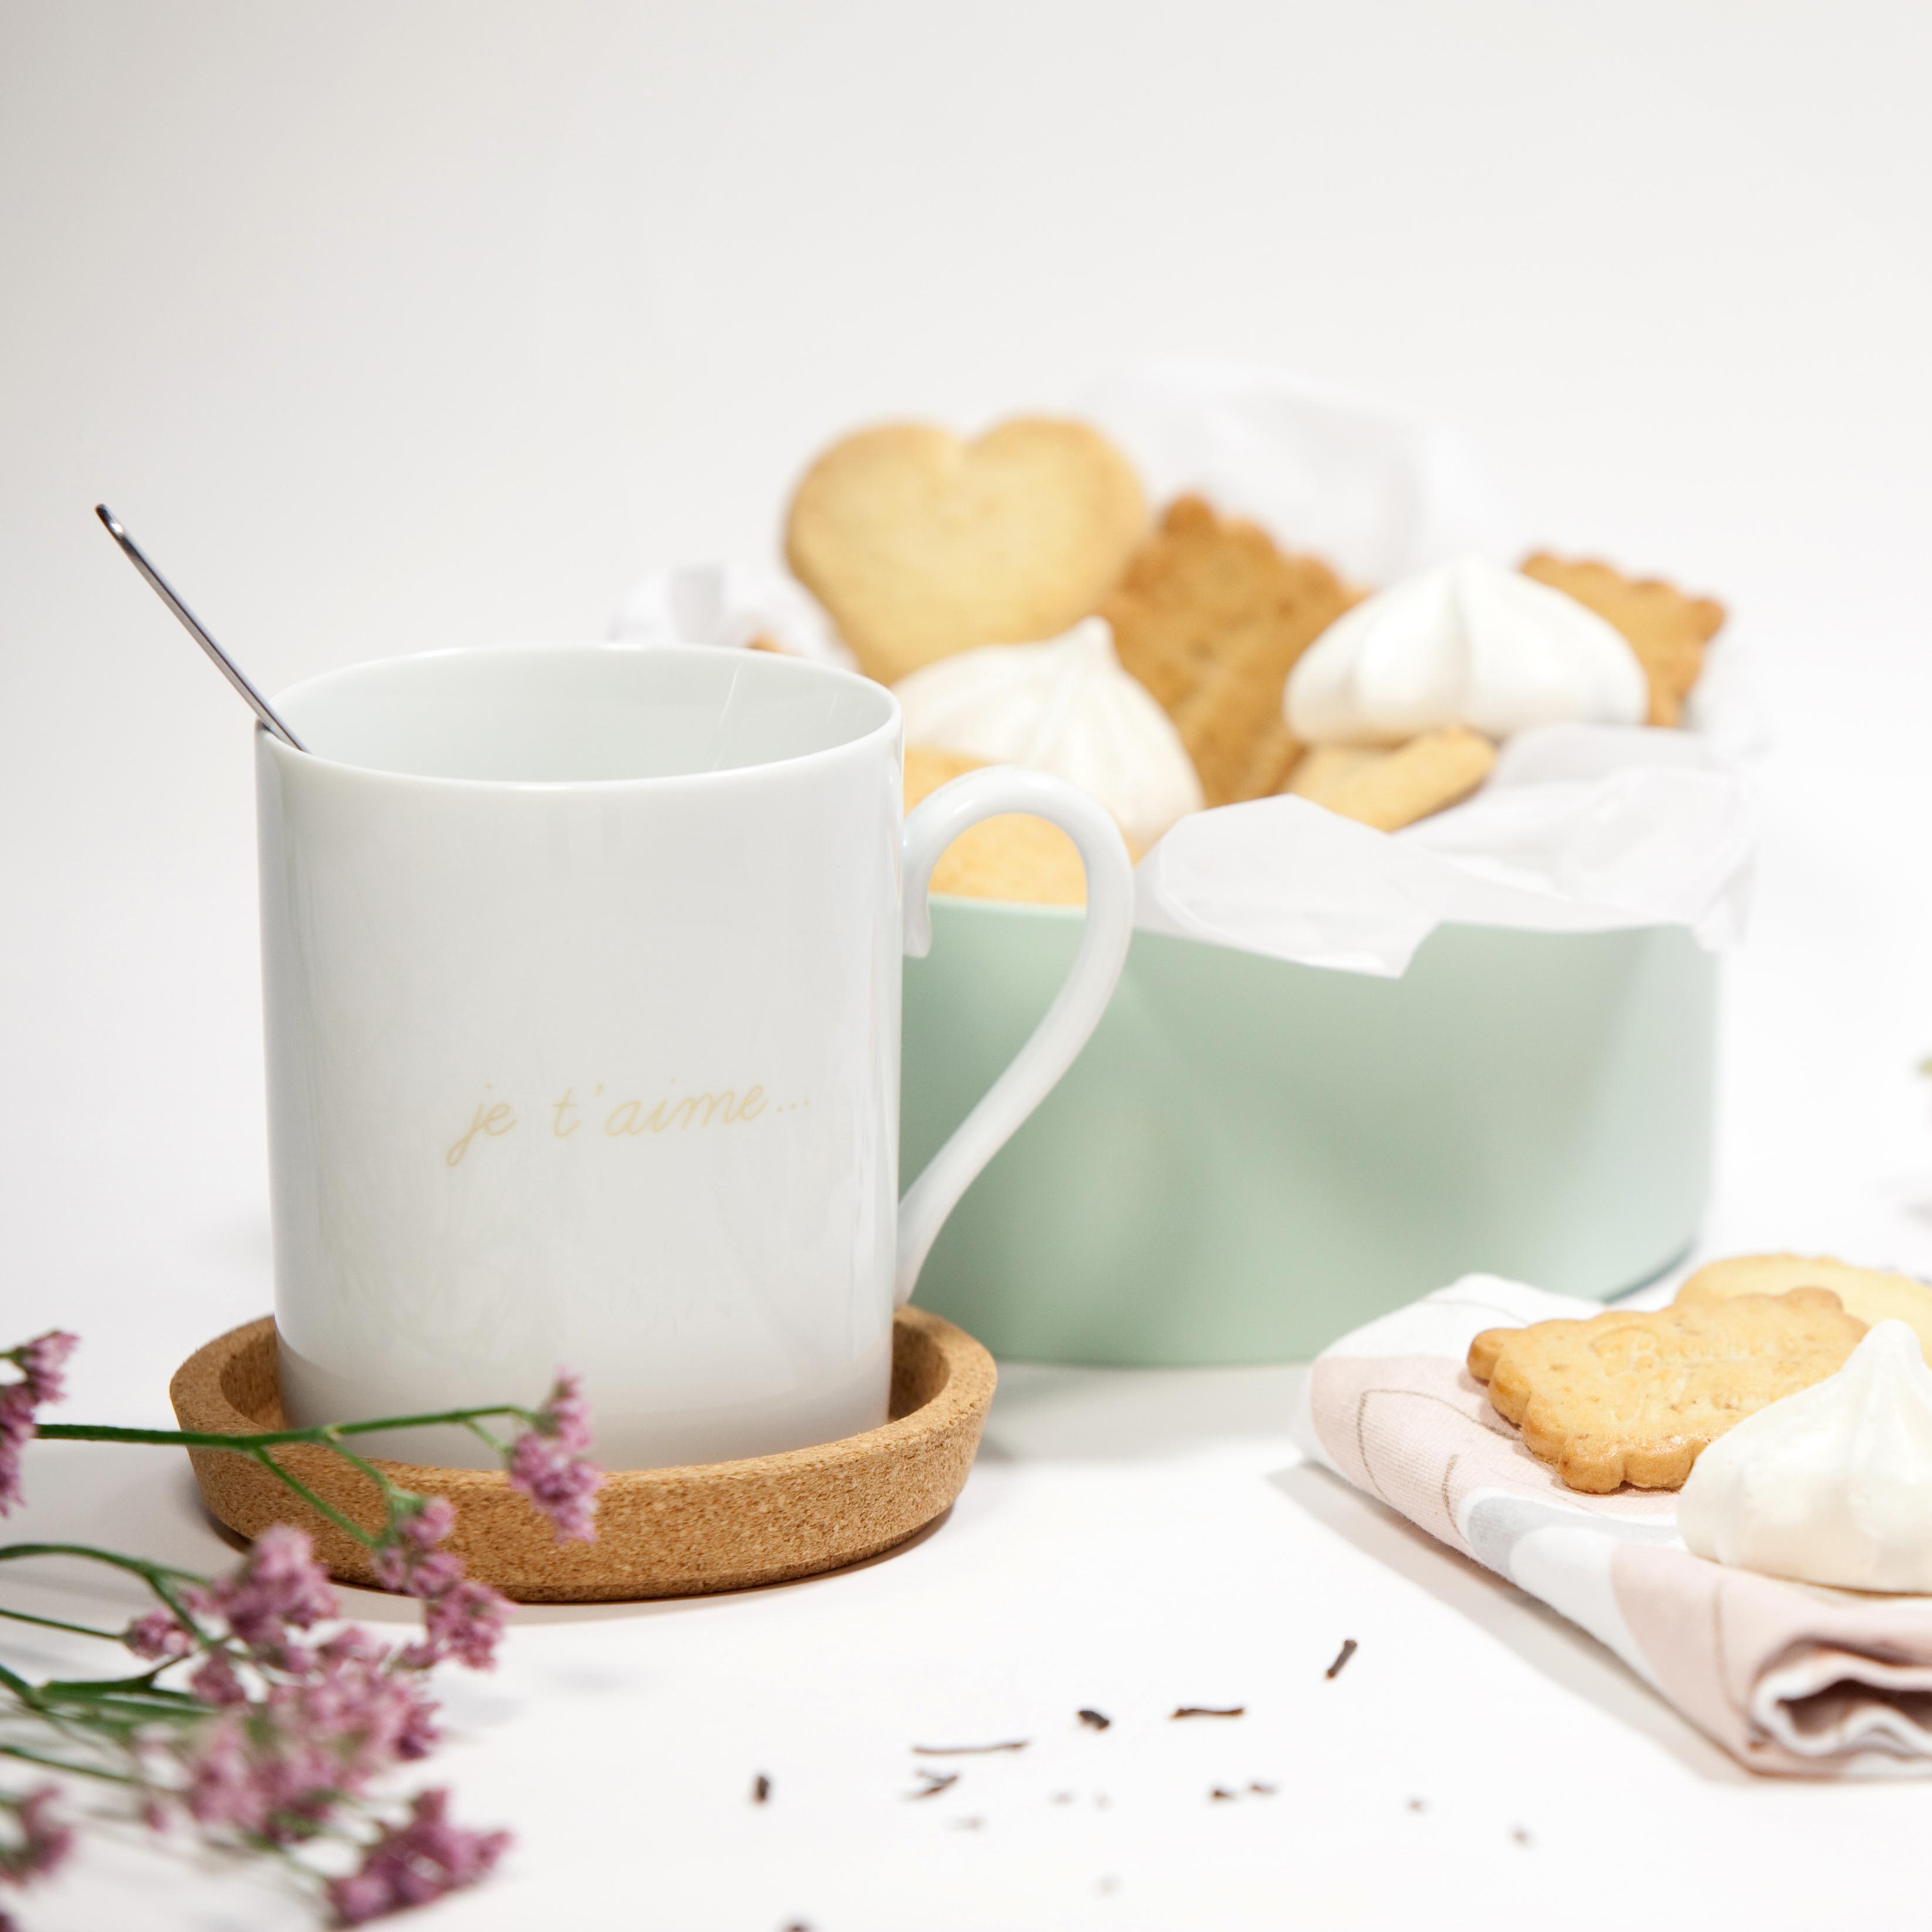 Un goûter en amoureux avec le mug je t'aime